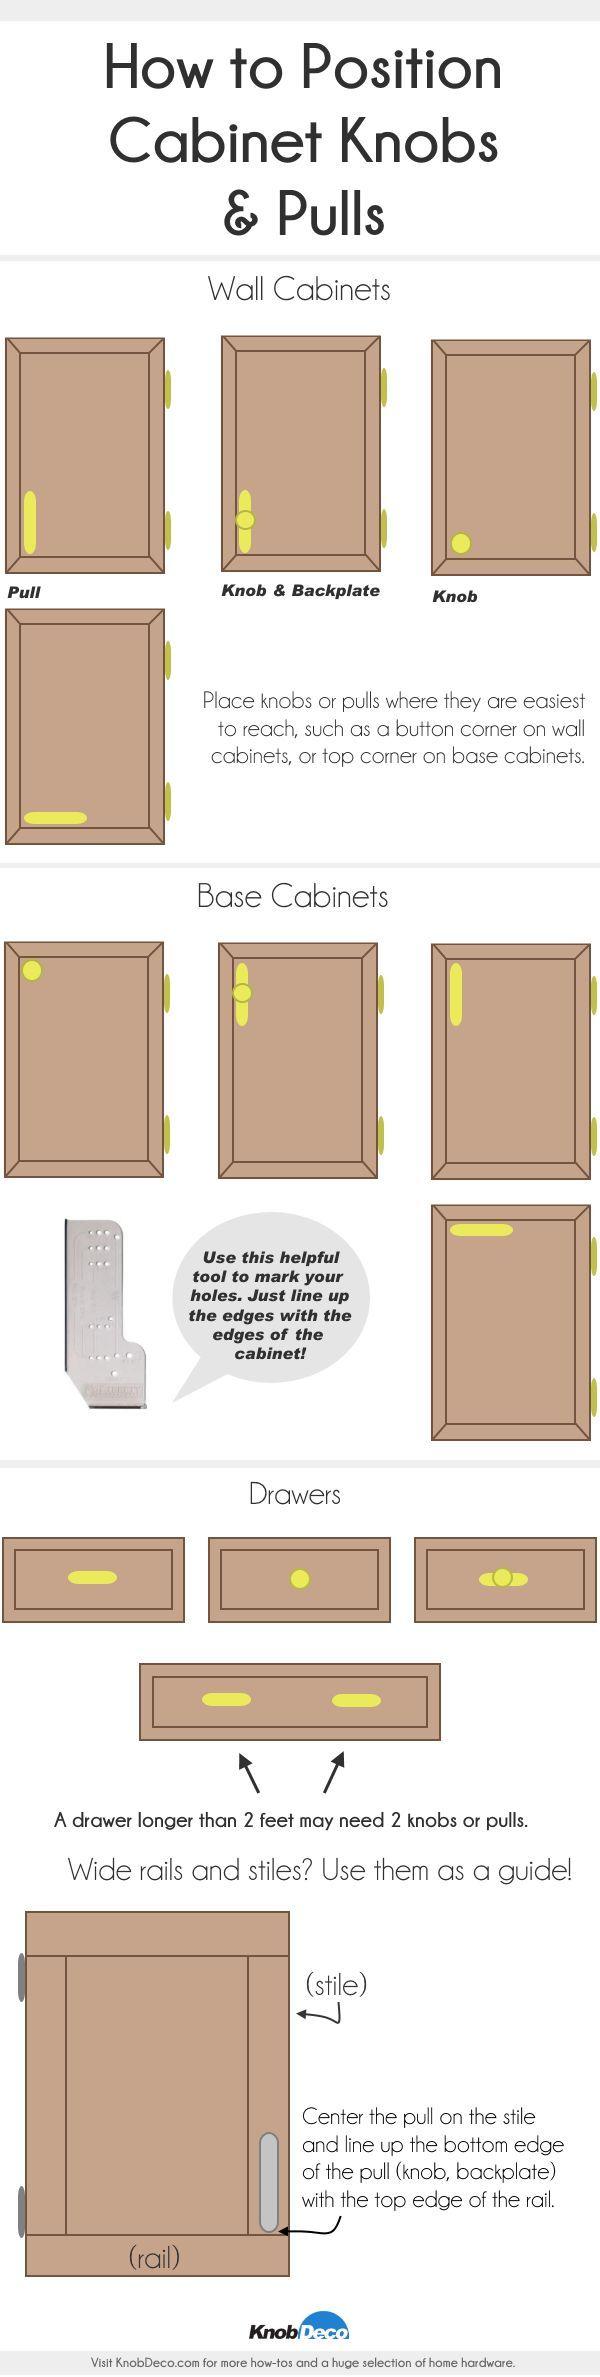 kitchen cabinet hardware kitchen cabinet supplies Knobs Handles Pulls Kitchen Cabinet Bath Decorative Hardware How to Install